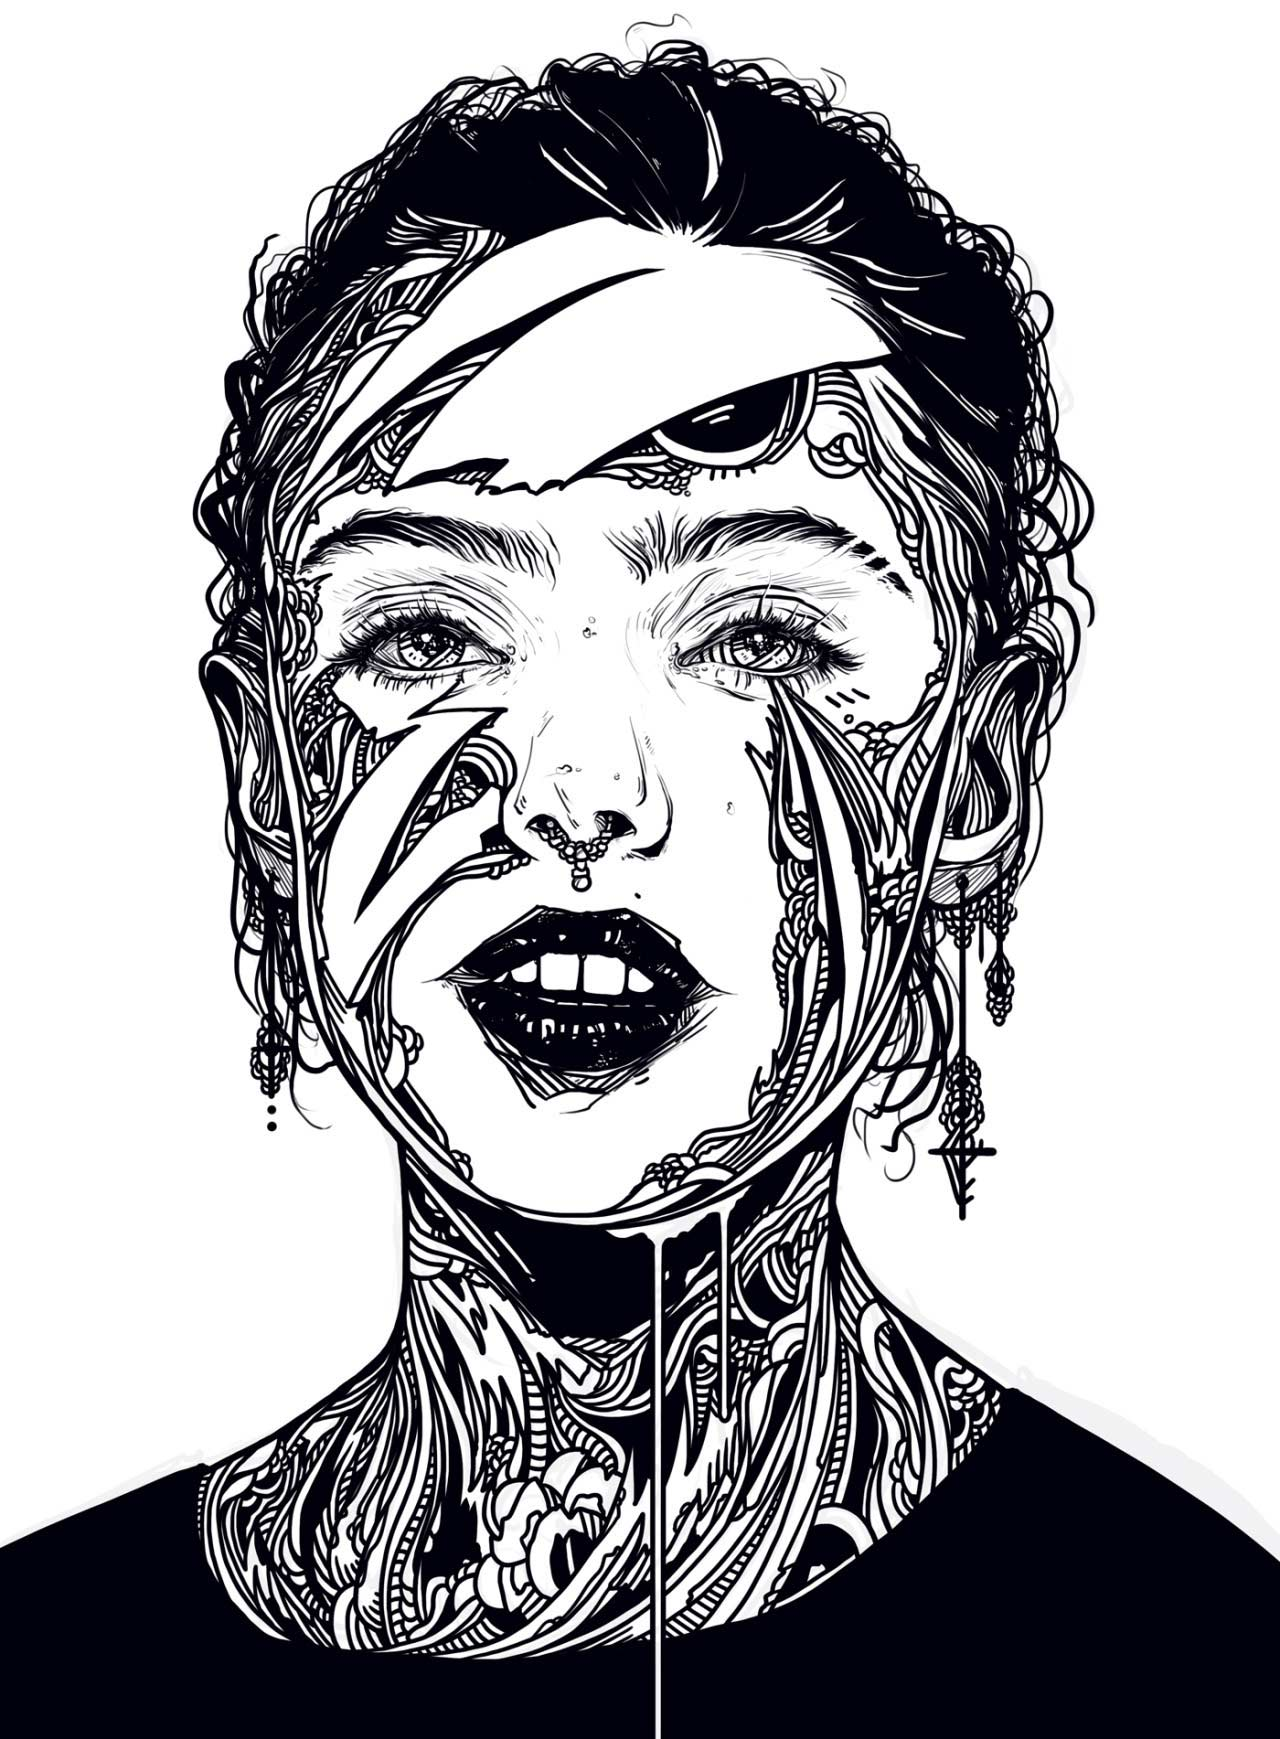 Neue Illustrationen von Conrado Salinas Conrado-Salinas-2_06